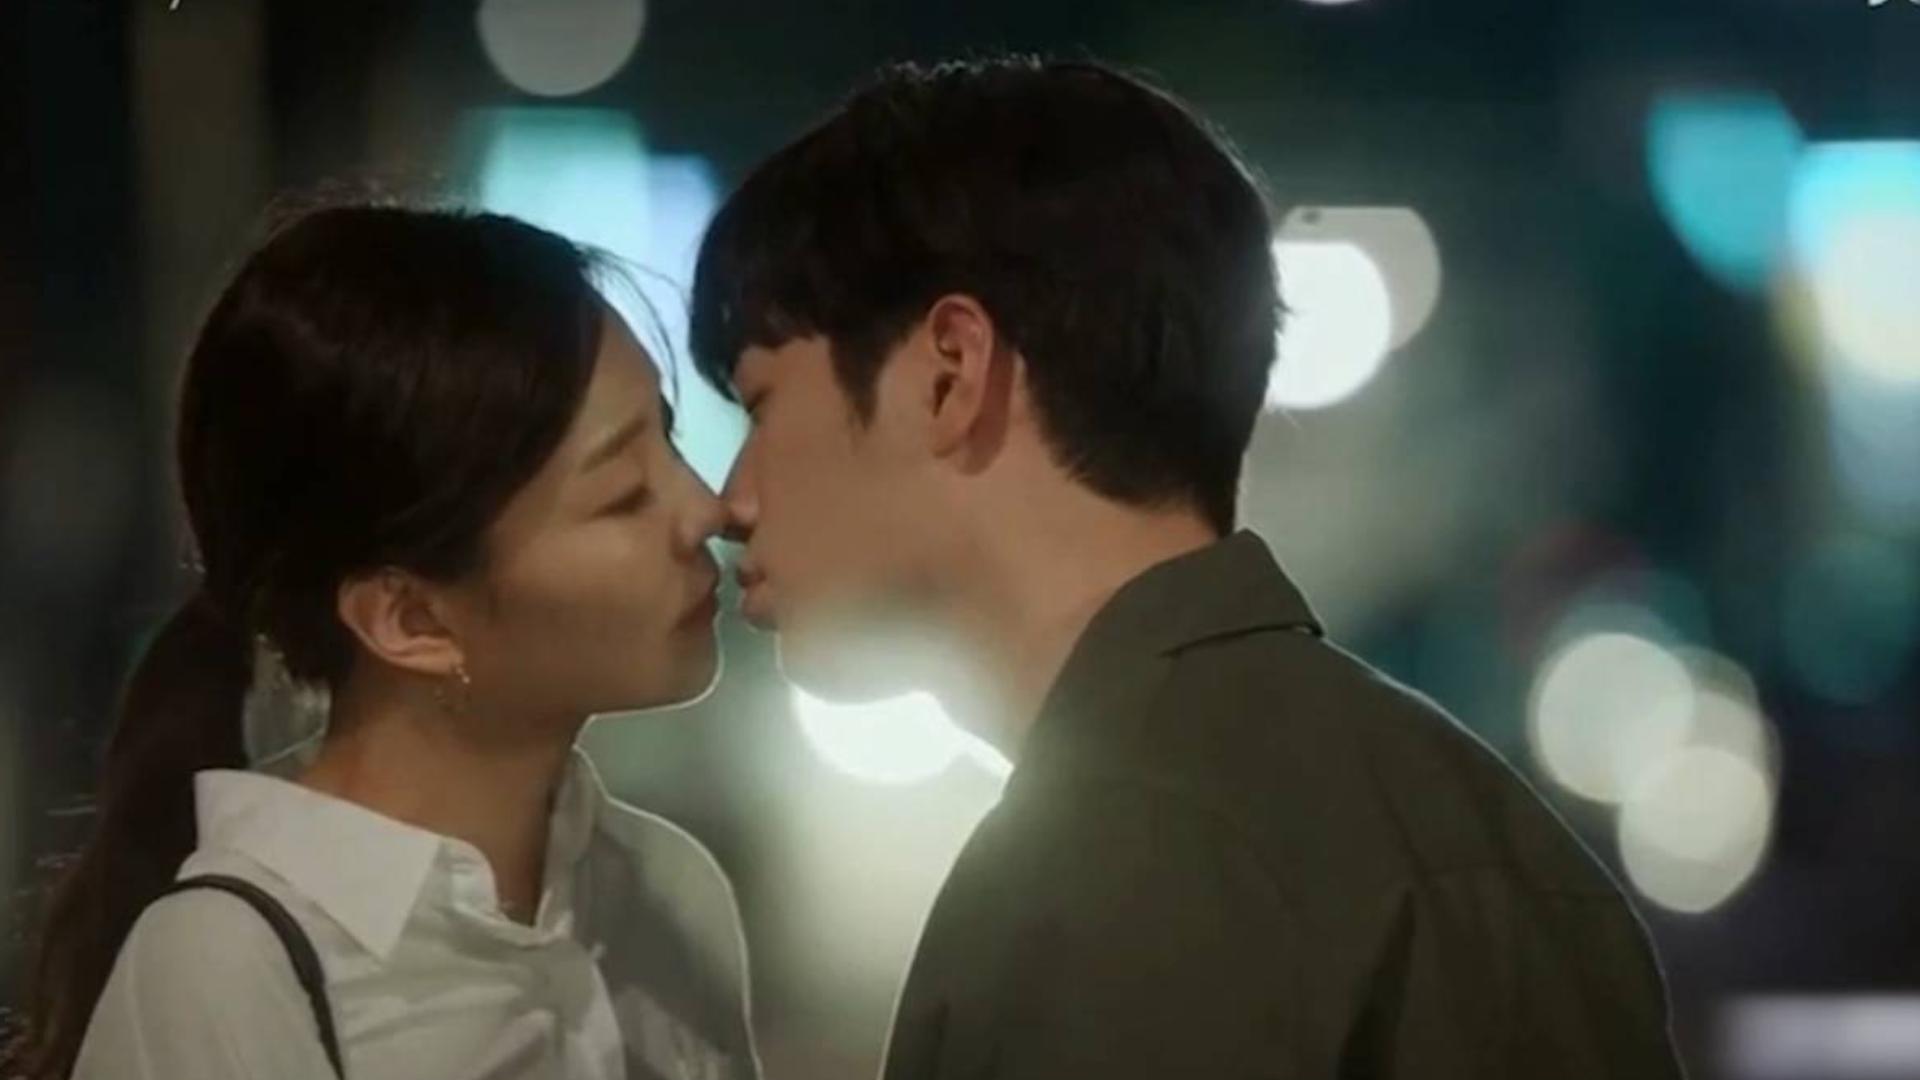 「高能+高甜吻戏合集」吻了又吻,真甜警告,吻不能停